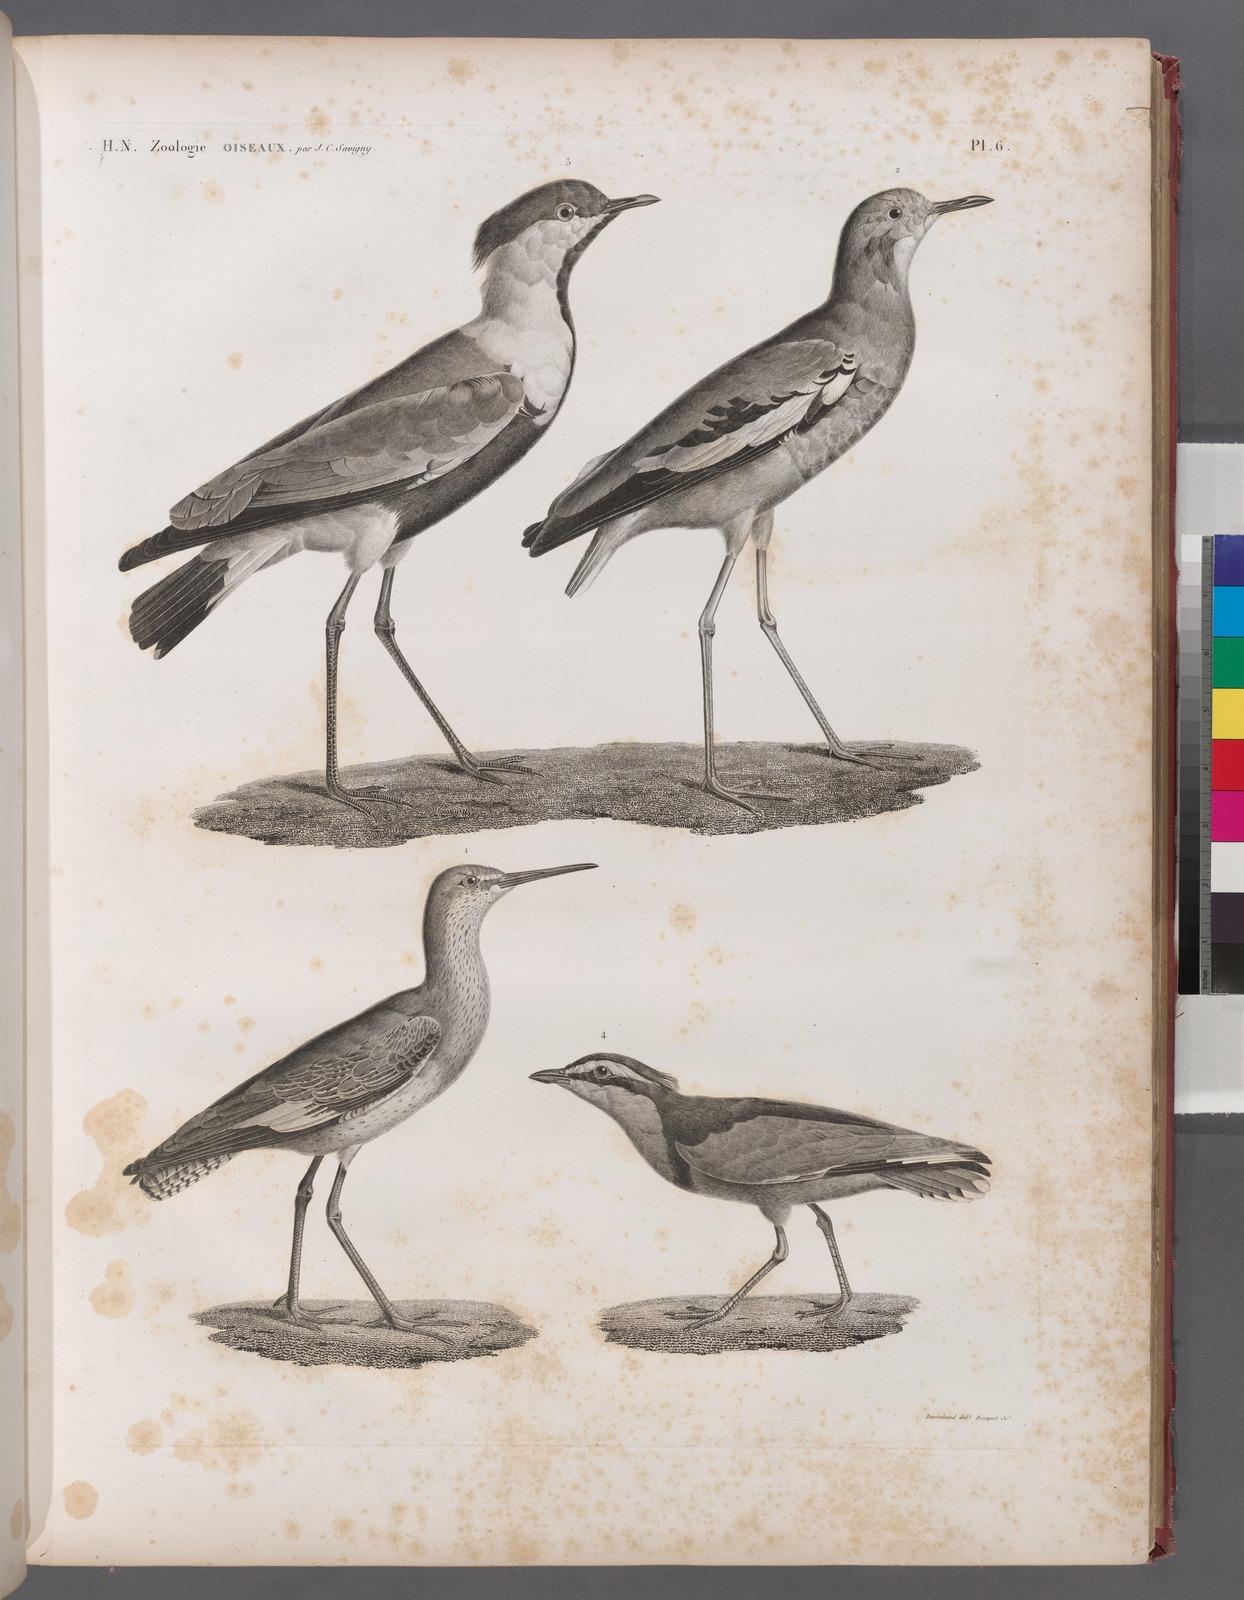 Zoologie. Oiseau. 1. Chevalier gambette (Totanus calidris); 2. Vanneau de Villoteau (Vanellus Villotæi); 3. Pluvier à aigrette (Charadrius spinosus); 4. Pluvian (Charadrius melanocephalus).